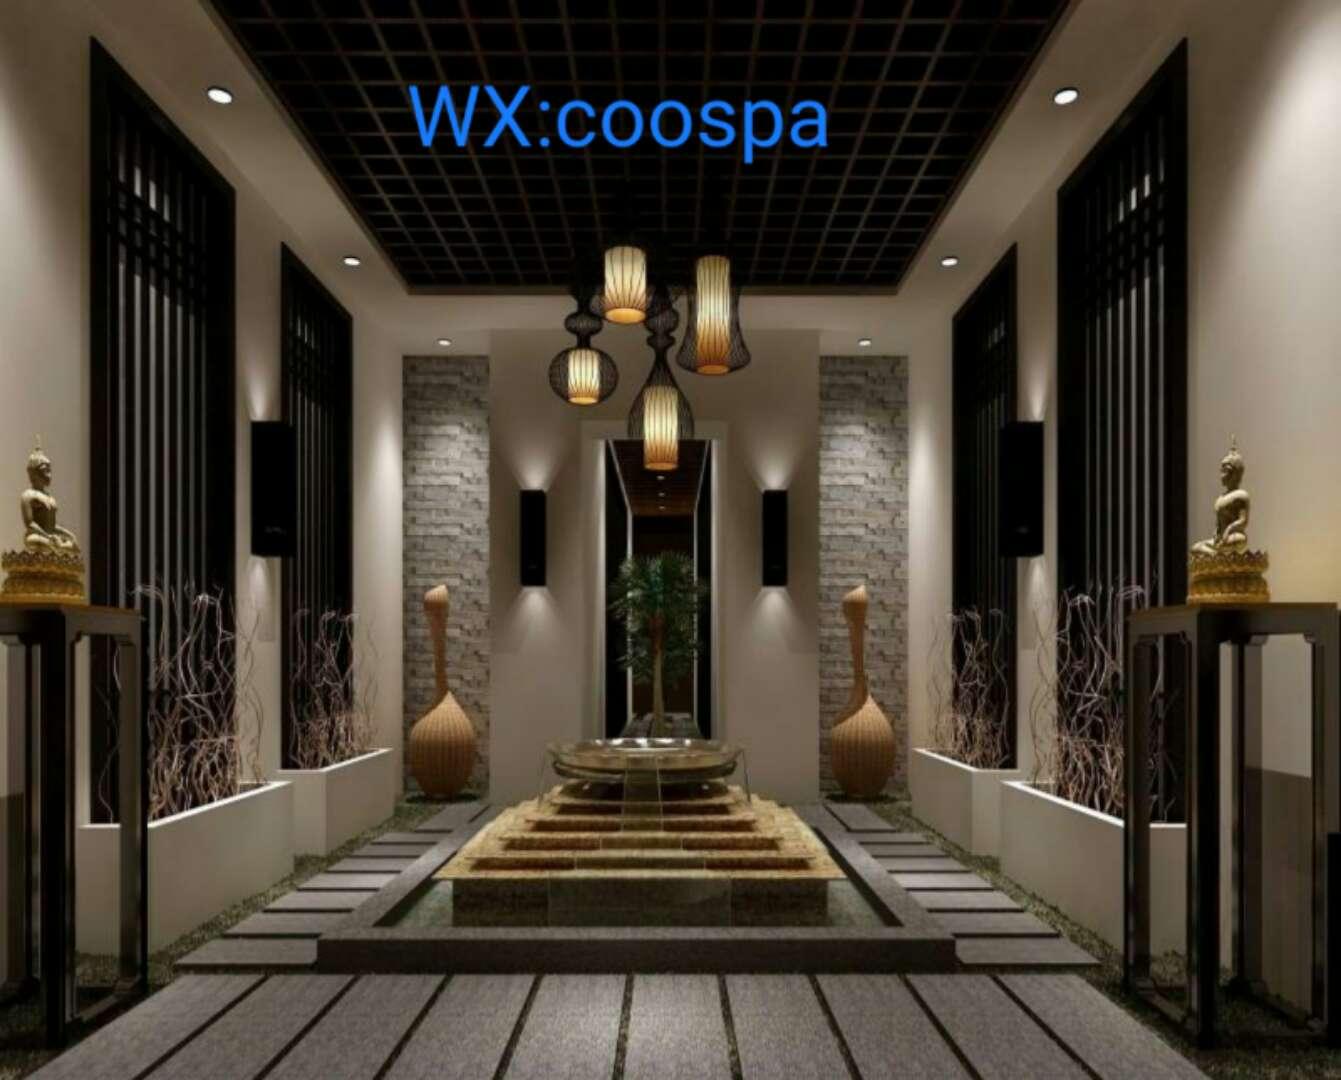 杭州高级男子私人休闲会所一来你就忘不了,最带劲的spa